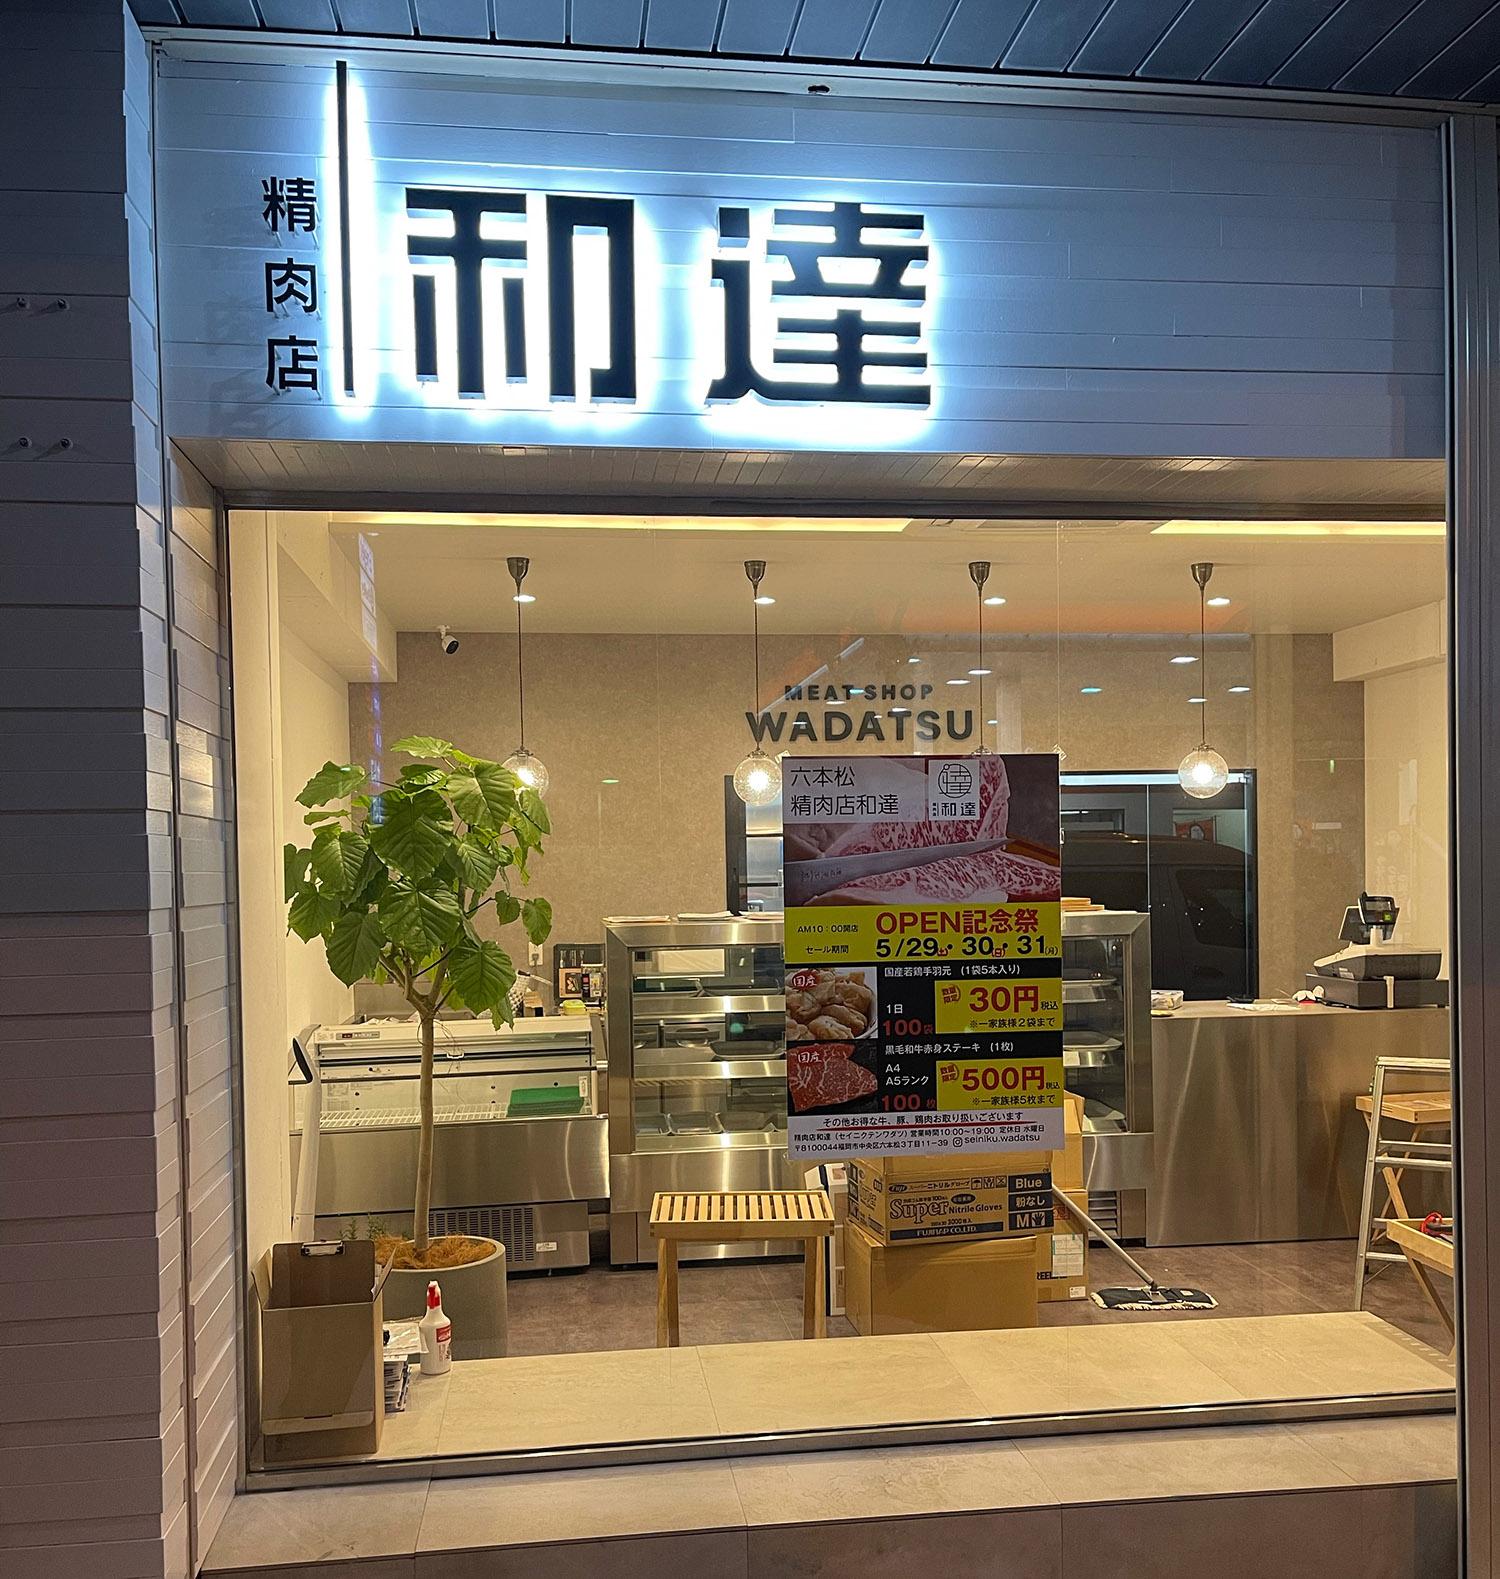 和田達行さんの精肉店「和達」がオープンします!